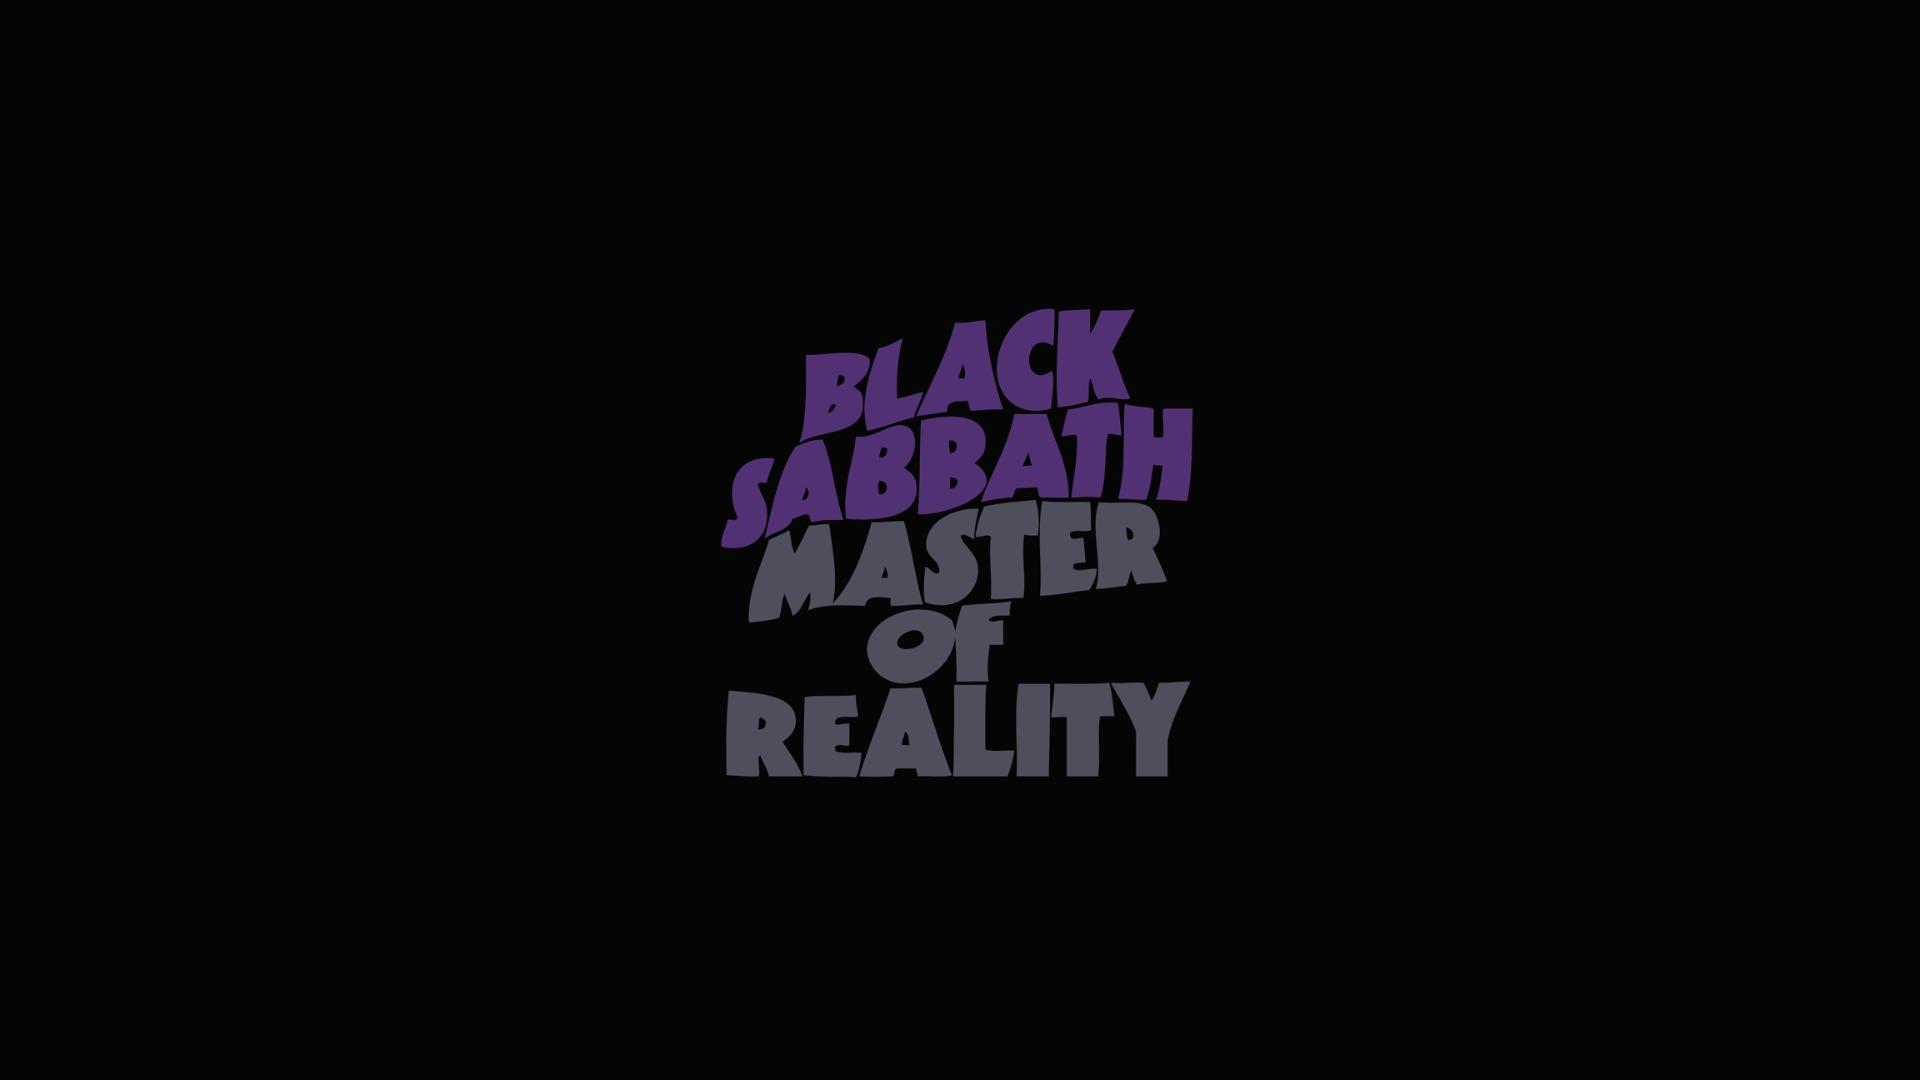 . PlusPng.com Black Sabbath Vol 4 Wallpaper For Desktop Master Of Reality Wallpaper  For Computer Background PlusPng.com  - Black Sabbath 1986 Logo PNG